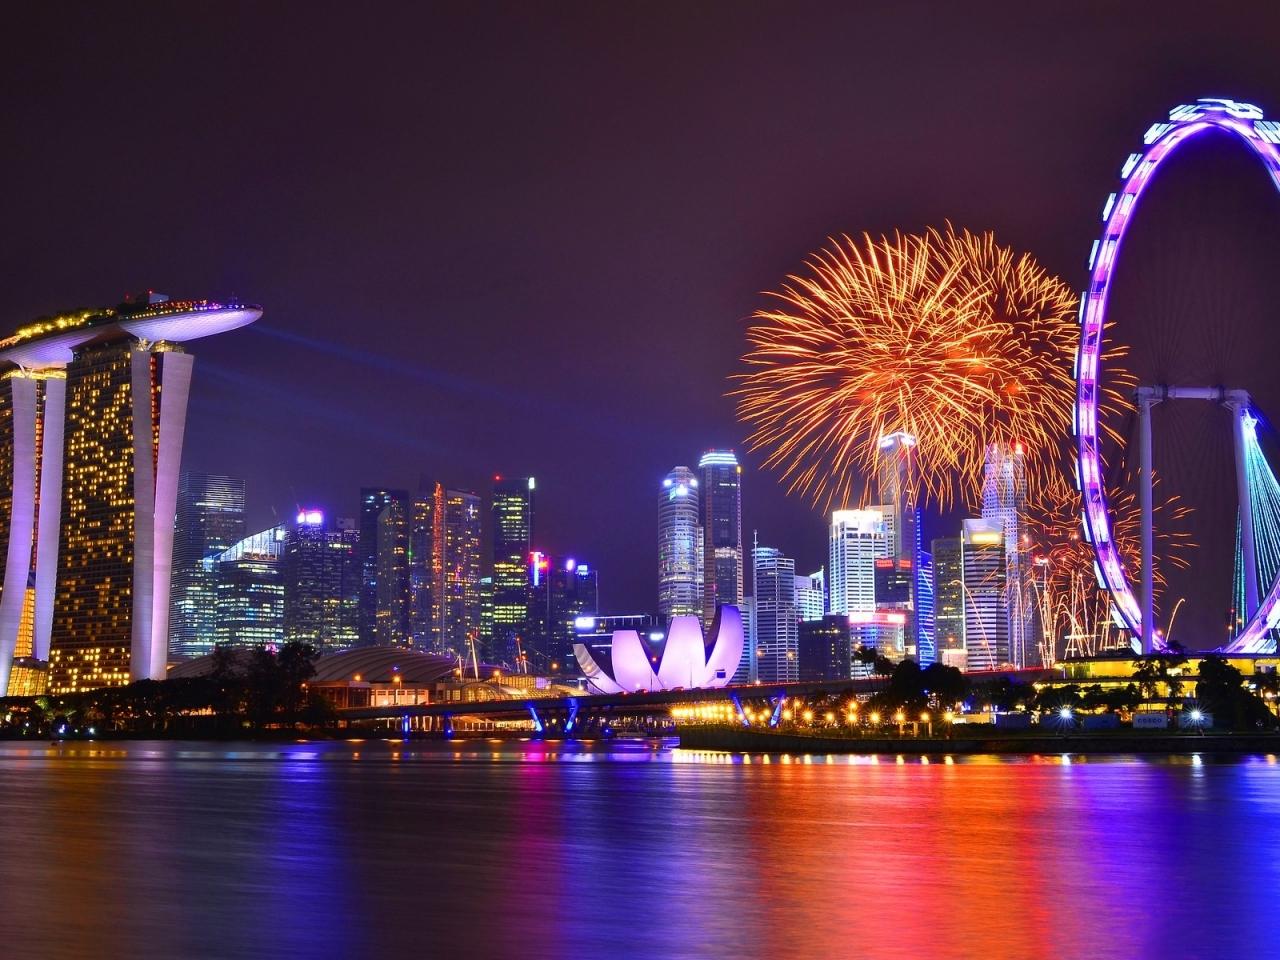 Vista de Singapore nocturna - 1280x960